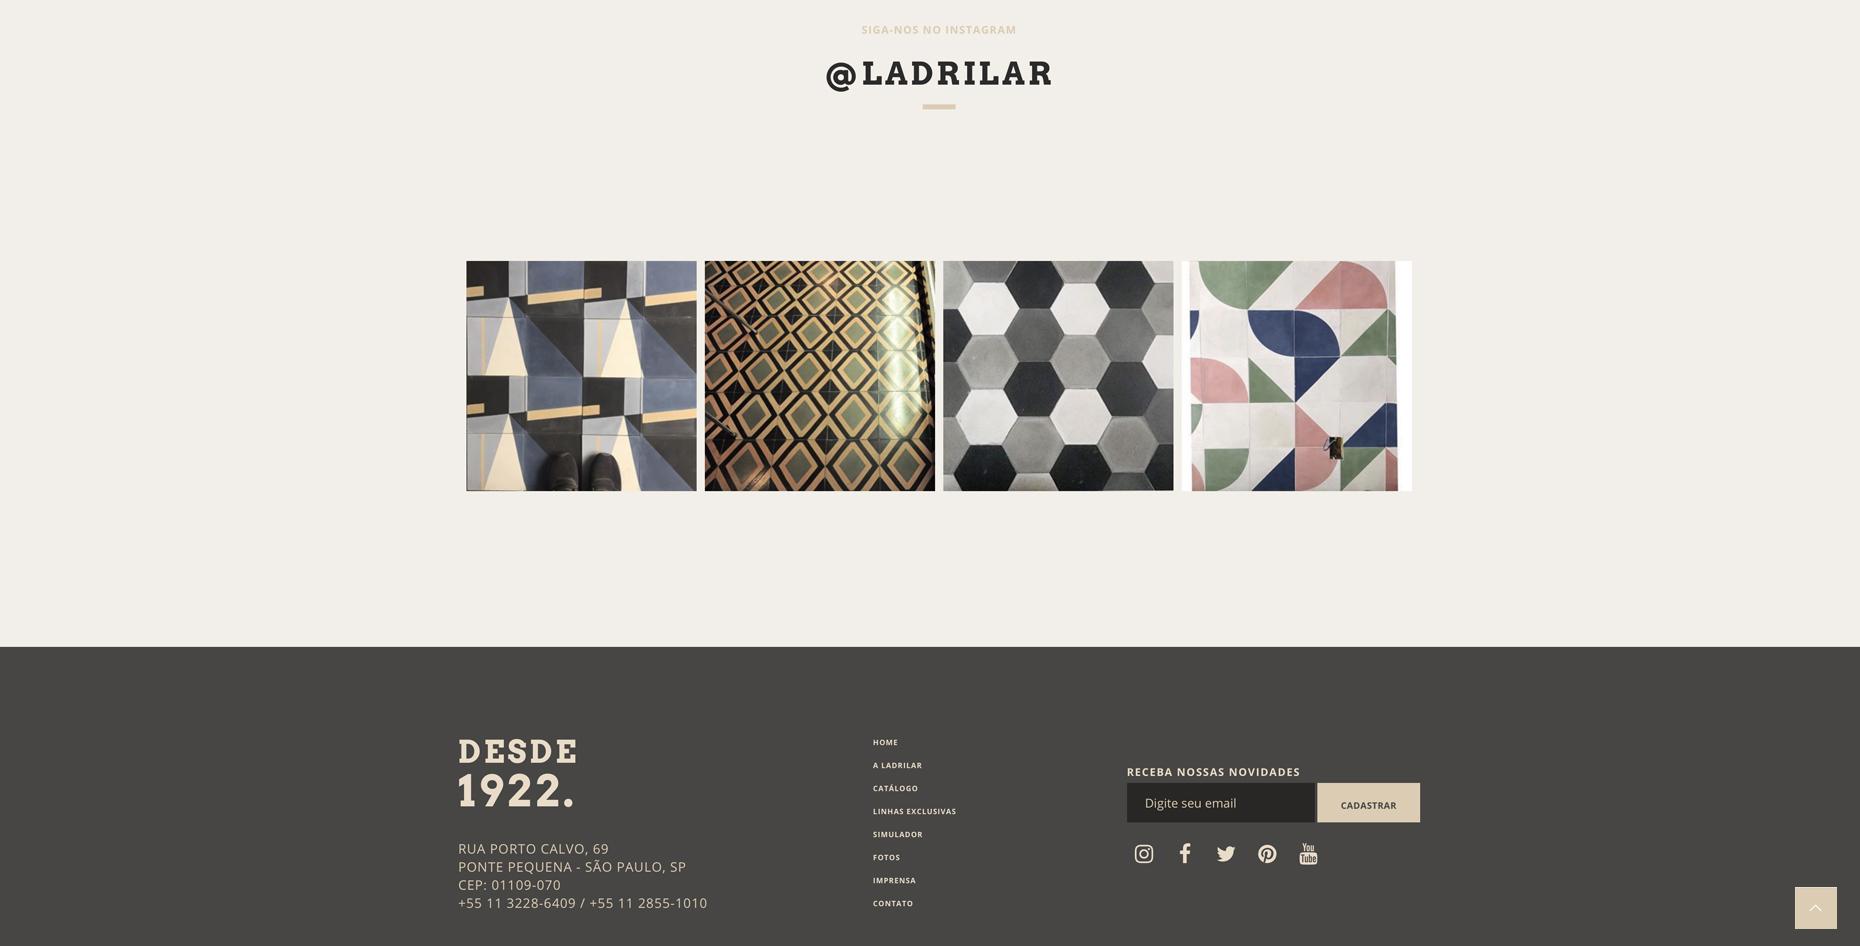 ladrilar_site4